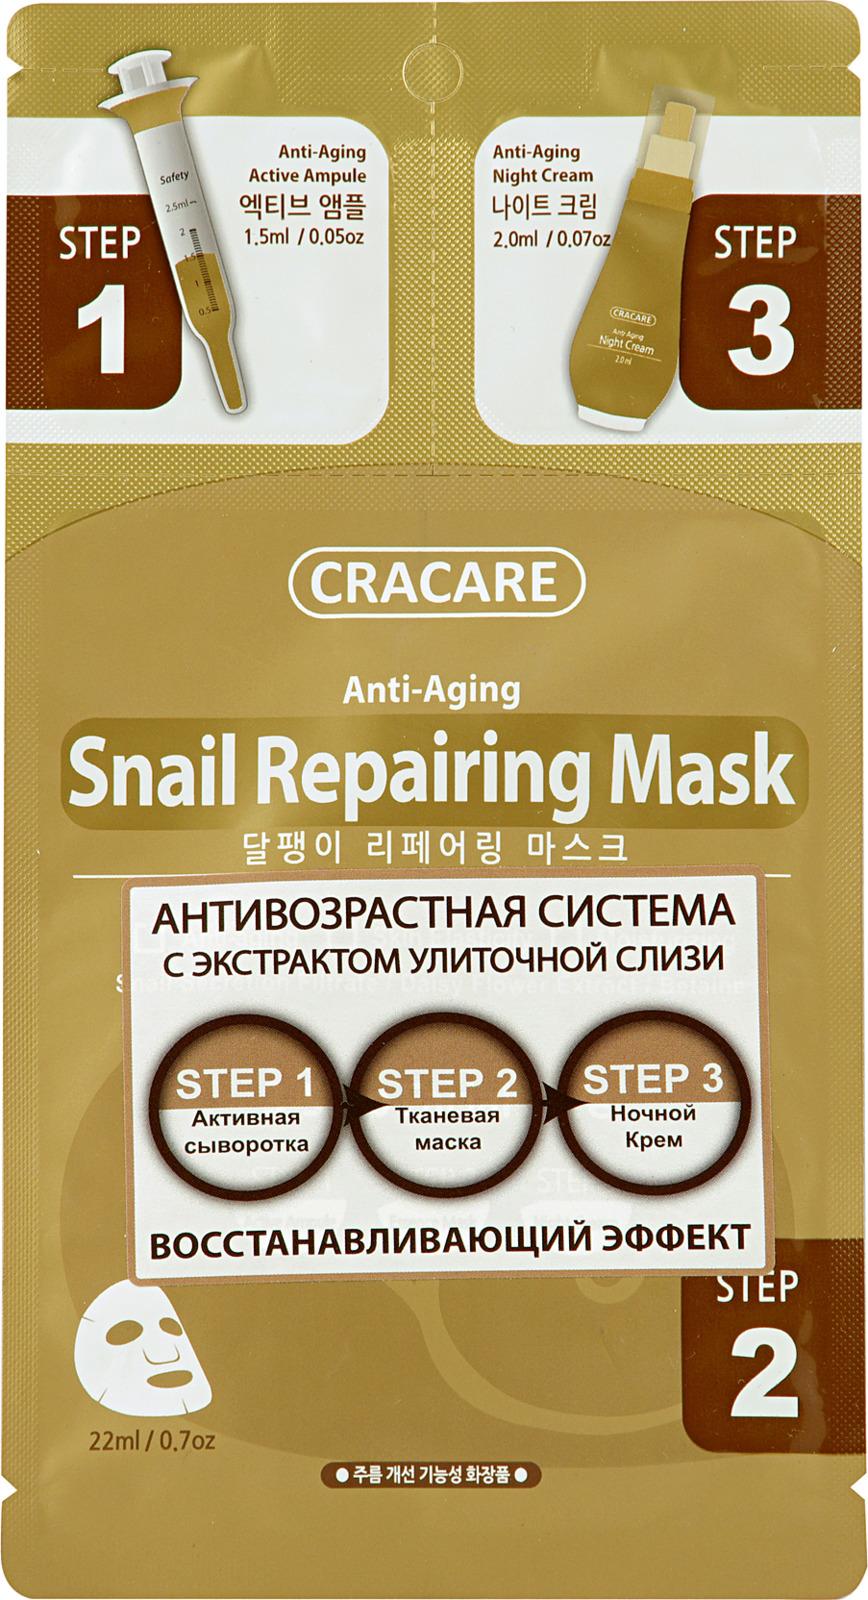 Cracare Регенерирующая маска с экстрактом слизи улитки 3 шага маска 3 шага